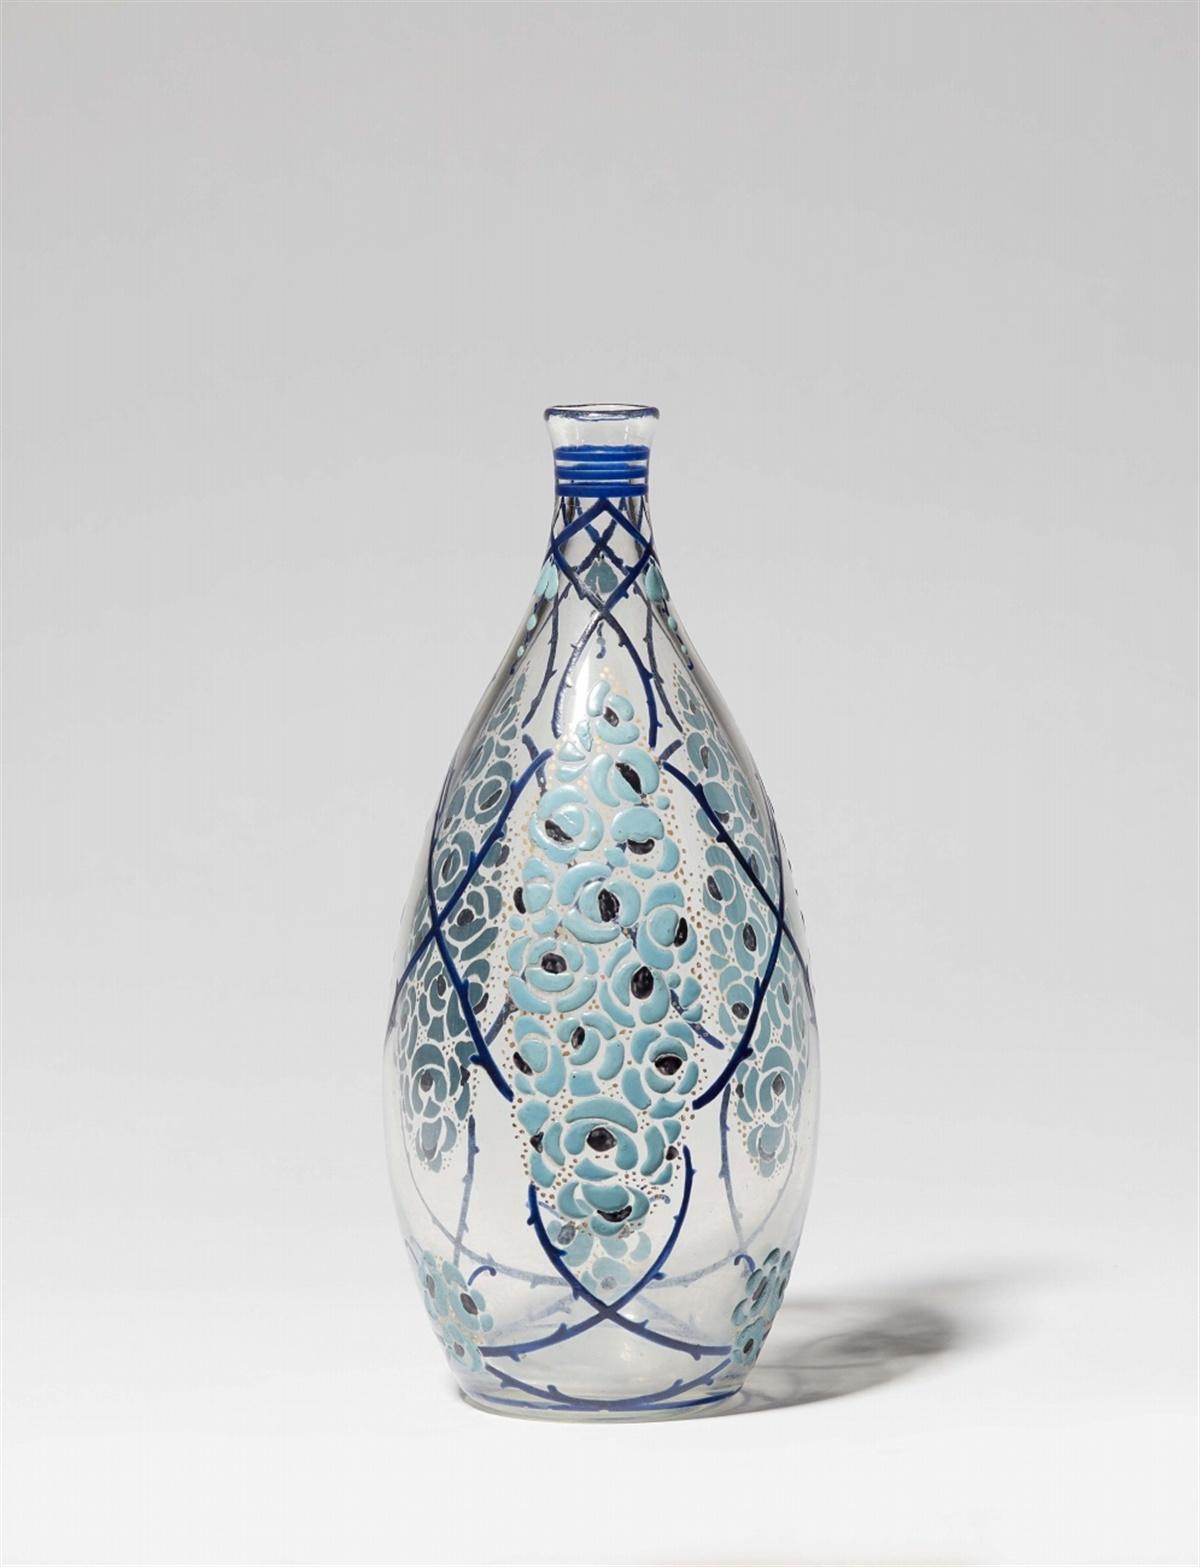 Lot 77 - Vase Art DécoMundgeblasenes Klarglas mit opakem polychromen Emaildekor. Blaue Emailsignatur M.